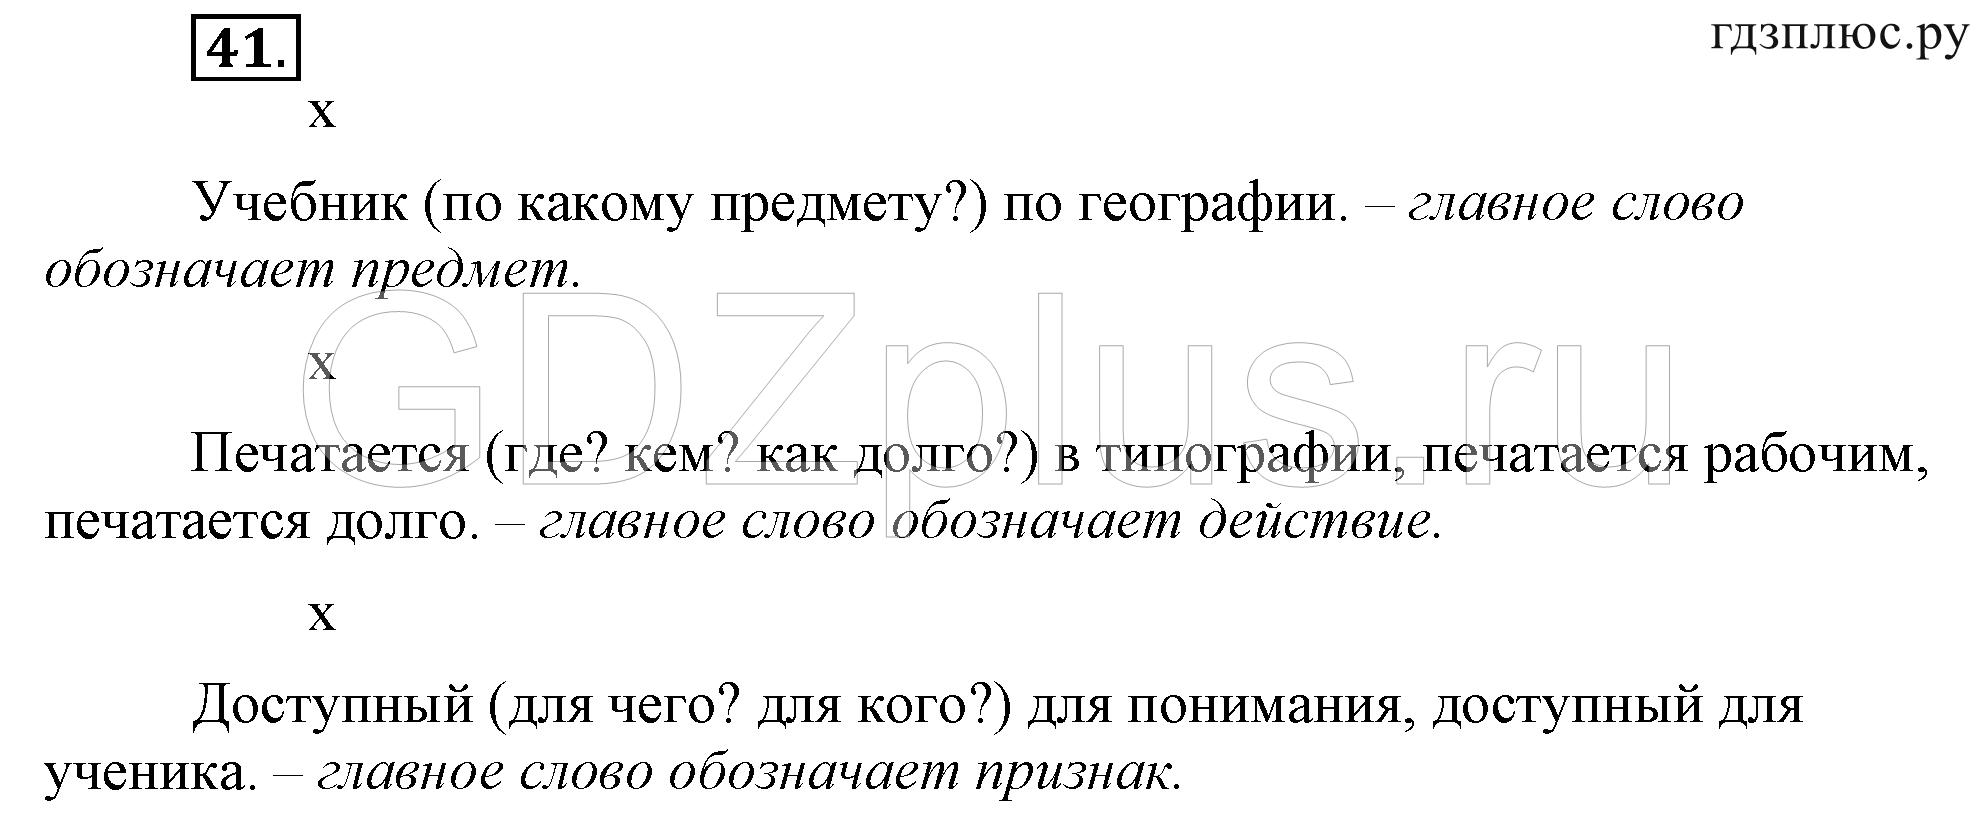 Гдз по русскому повторение контрольные вопросы и задания